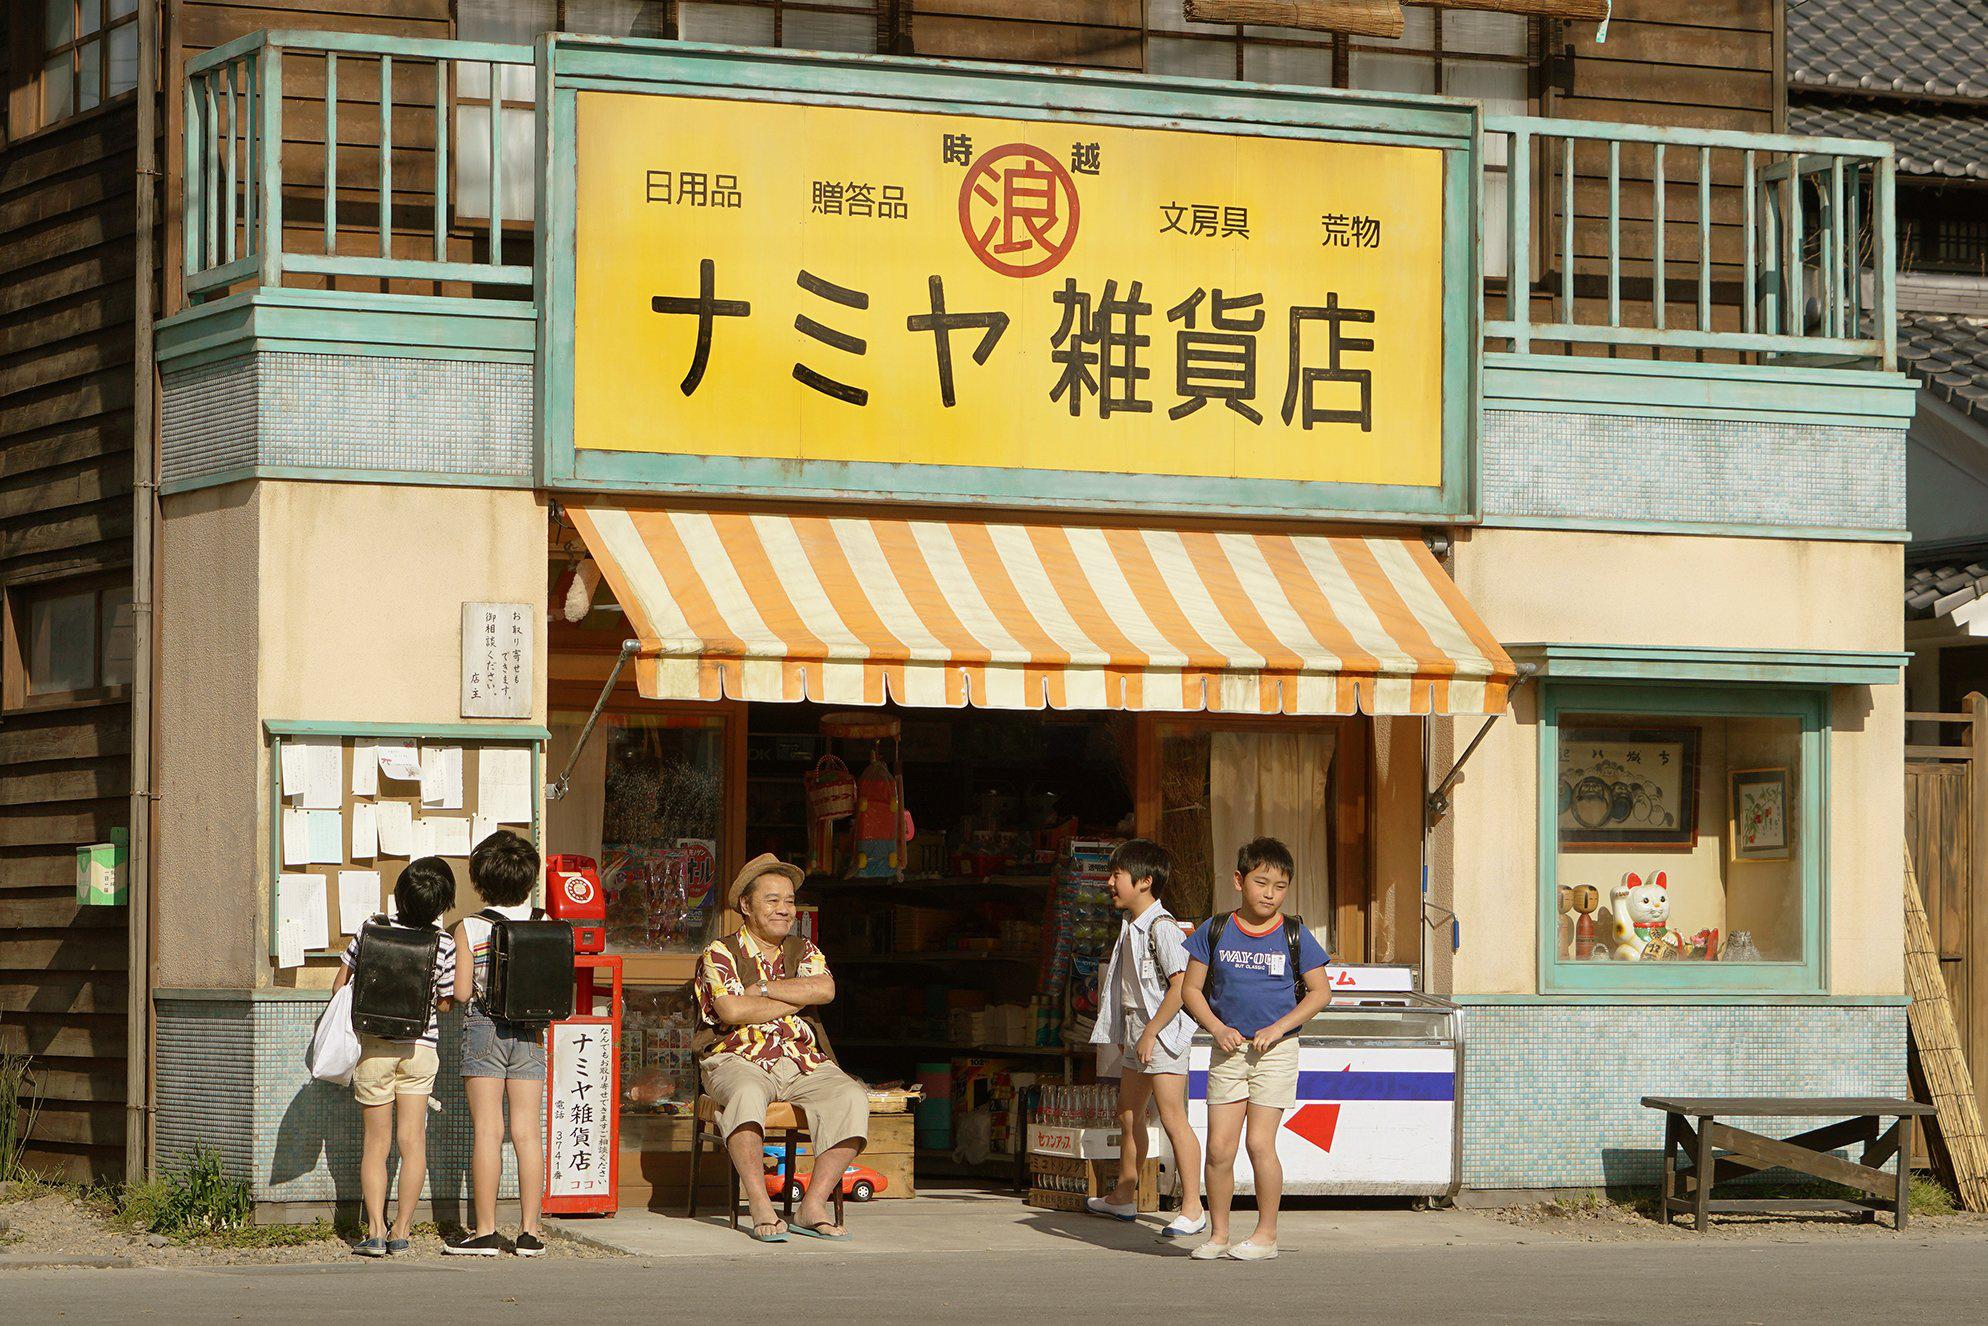 欧博亚洲:《假面旅店》遇冷,东野圭吾为何在中国总不行?